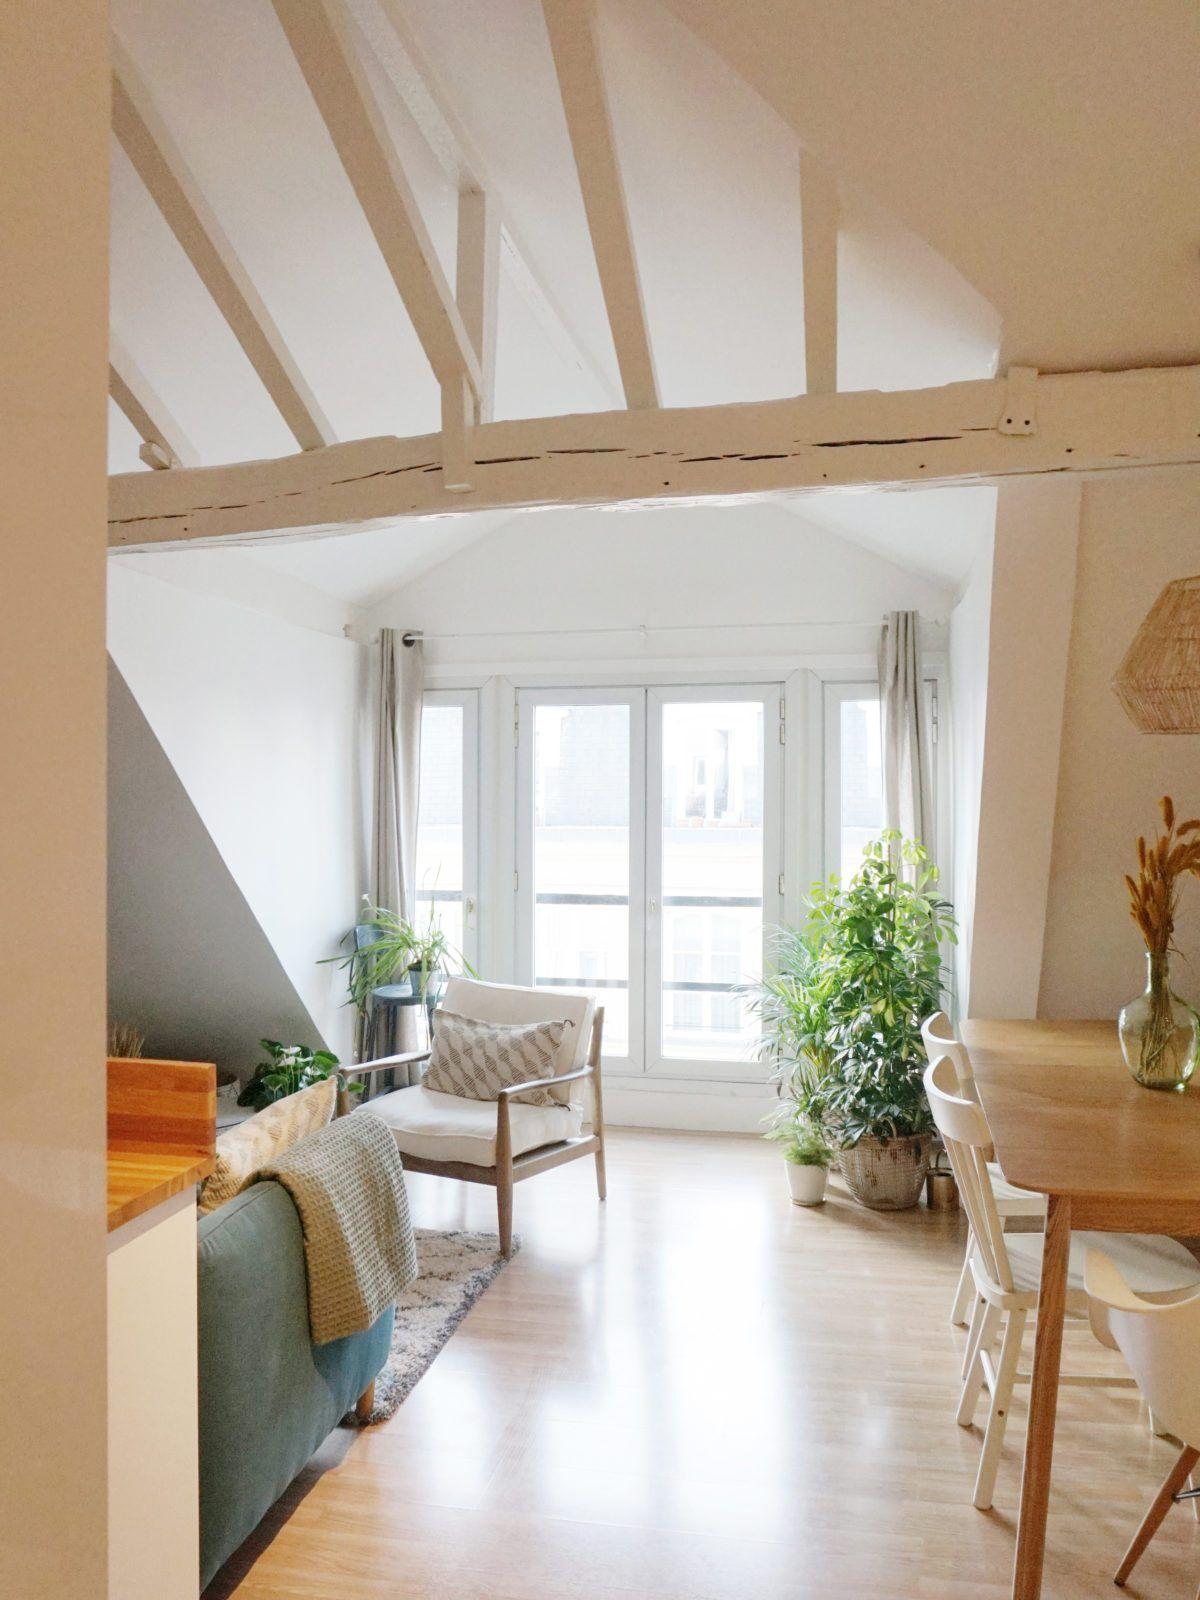 De Haute Qualite Comment Créer Une Chambre Supplémentaire Dans Un Petit Appartement à Paris  ?   PLANETE DECO A Homes World